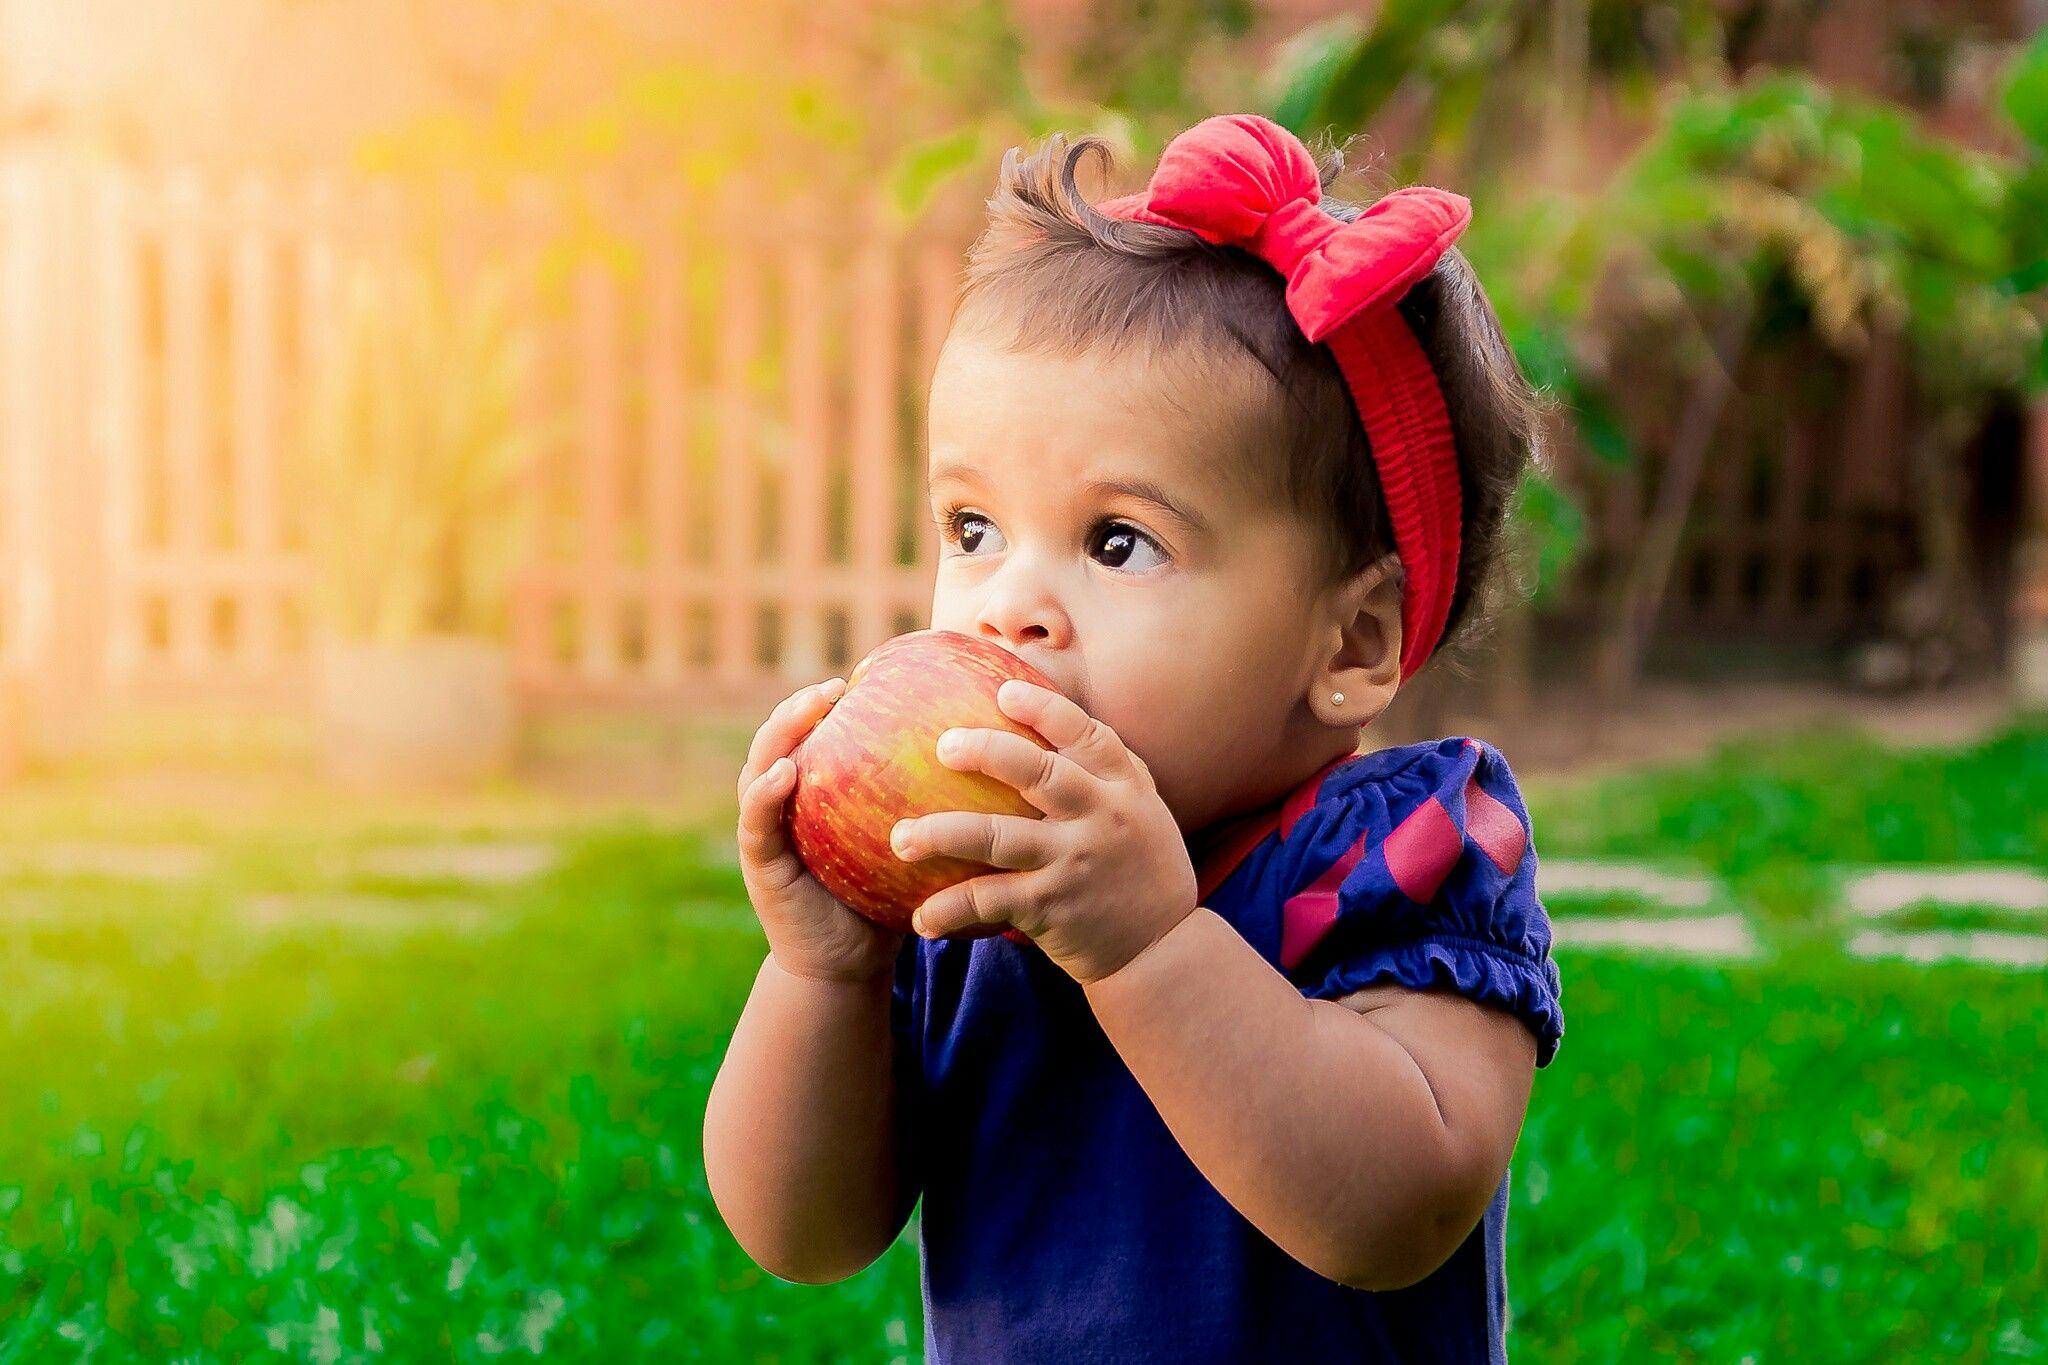 Mariana Dias Produções   #fotografia #infantil #brancadeneve